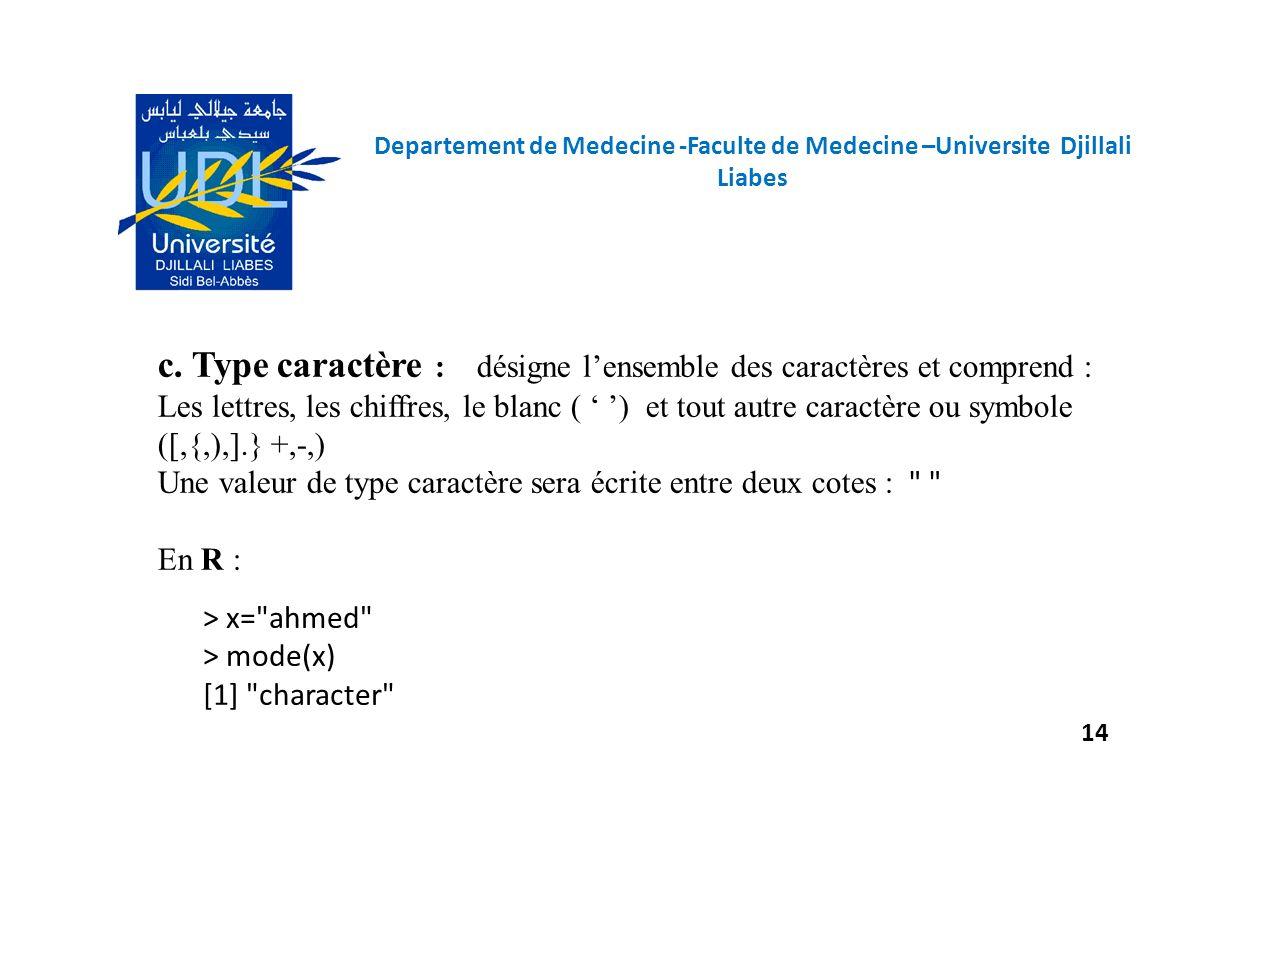 c. Type caractère : désigne lensemble des caractères et comprend : Les lettres, les chiffres, le blanc ( ) et tout autre caractère ou symbole ([,{,),]